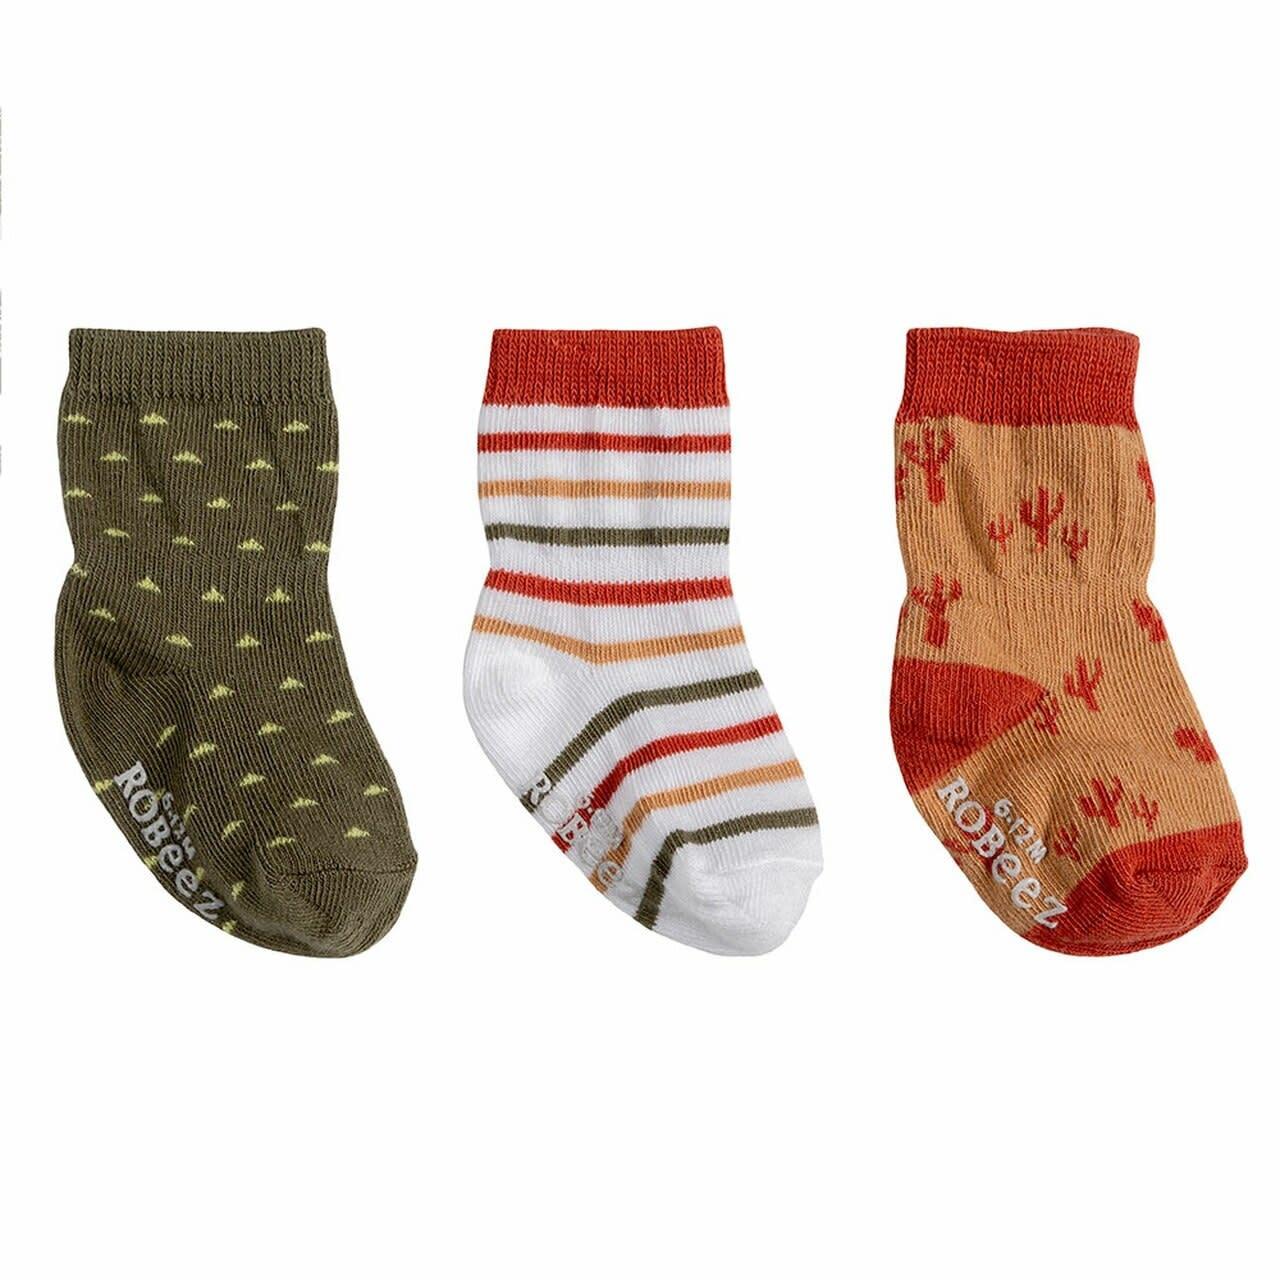 Robeez Socks - Indio